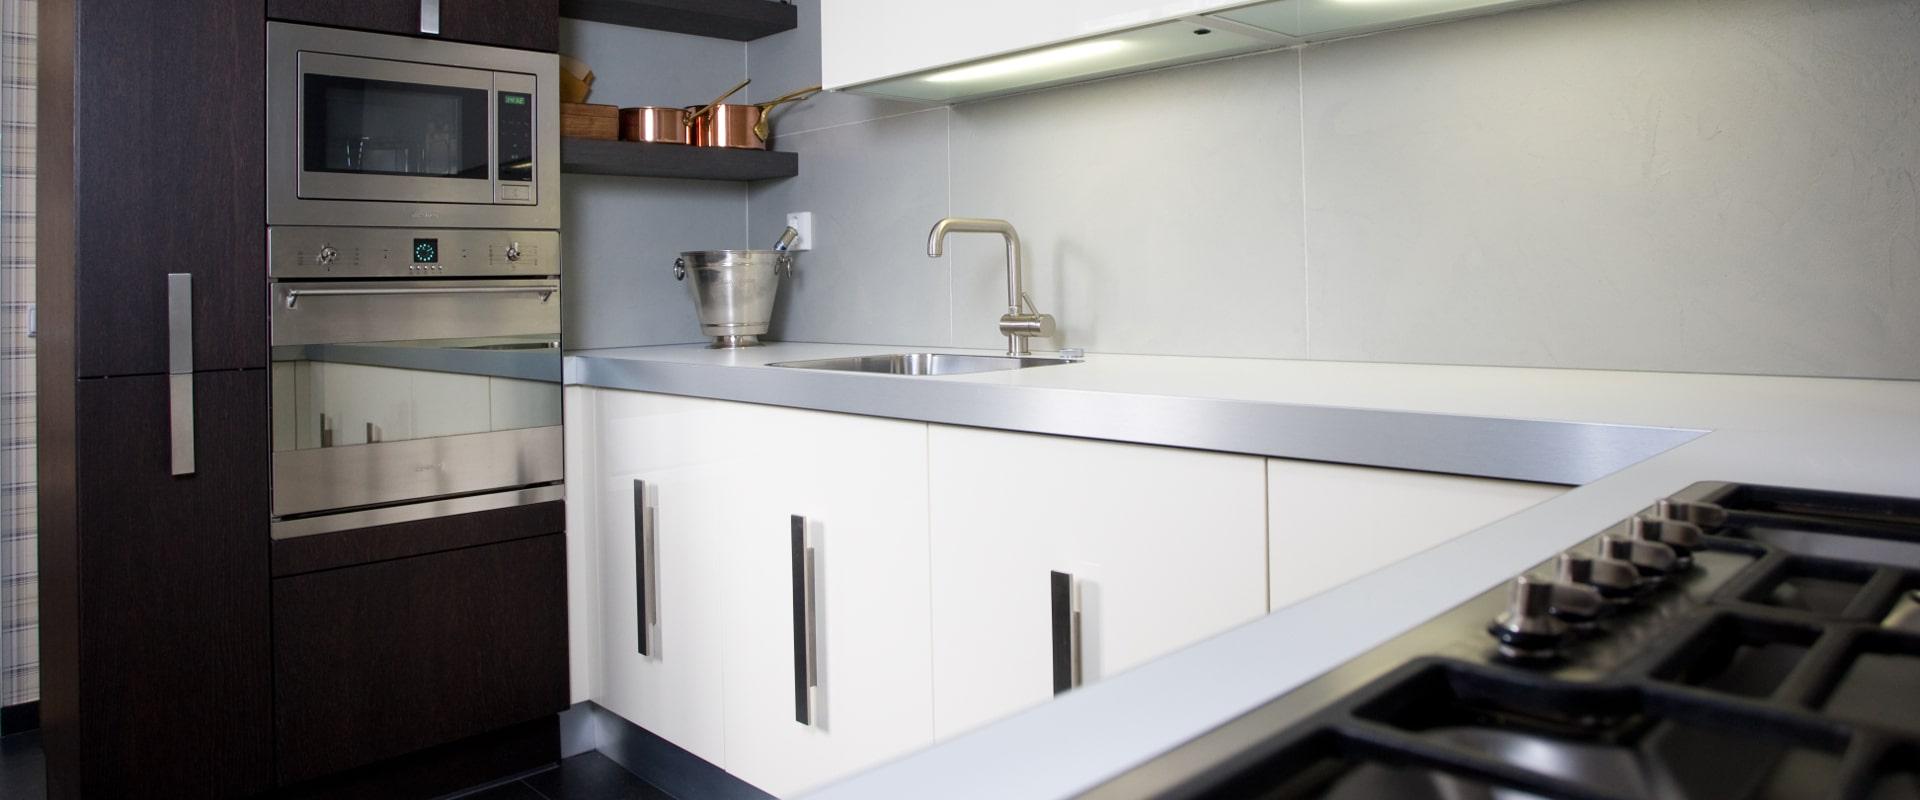 Mooie keuken in een bijzonder huis - Keuken uitgerust m ...